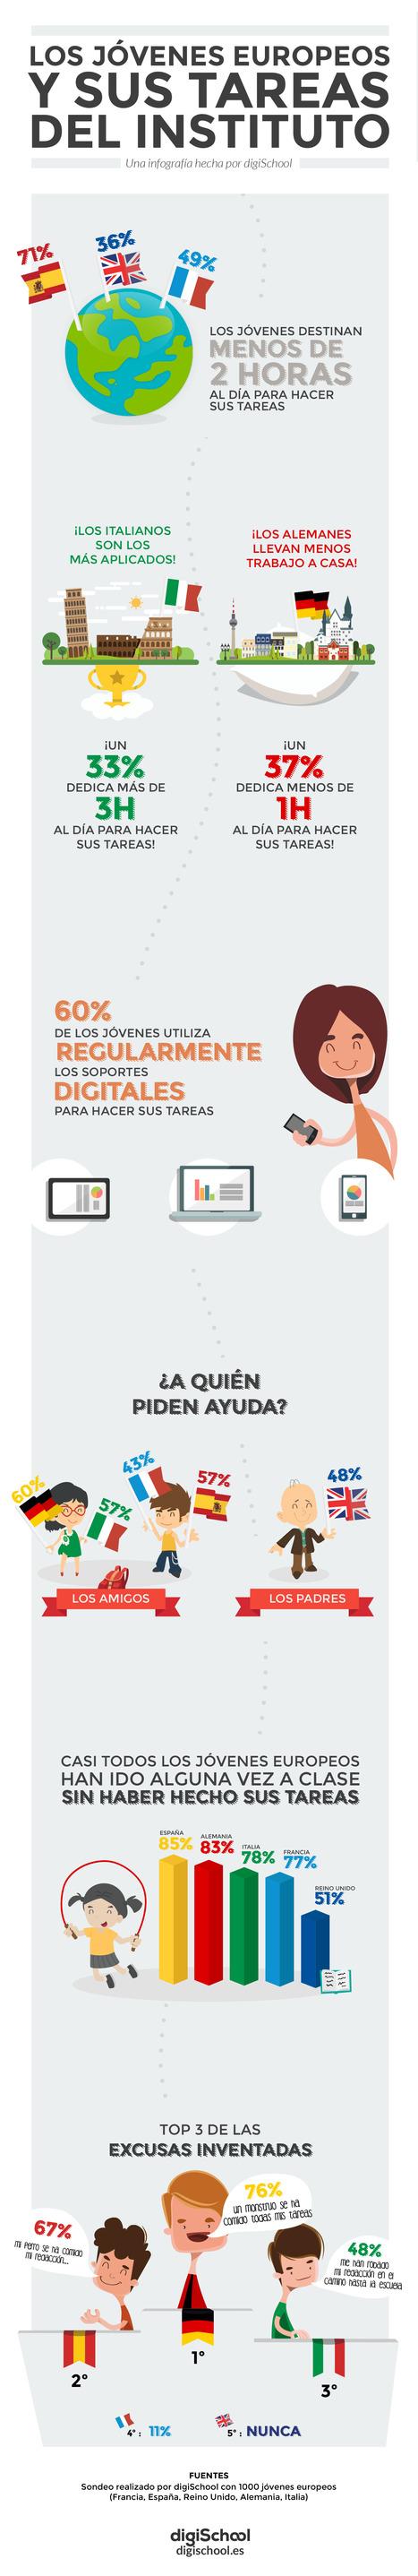 Infografía: Los jóvenes europeos y sus tareas del Instituto | Ferramentes digitals | Scoop.it